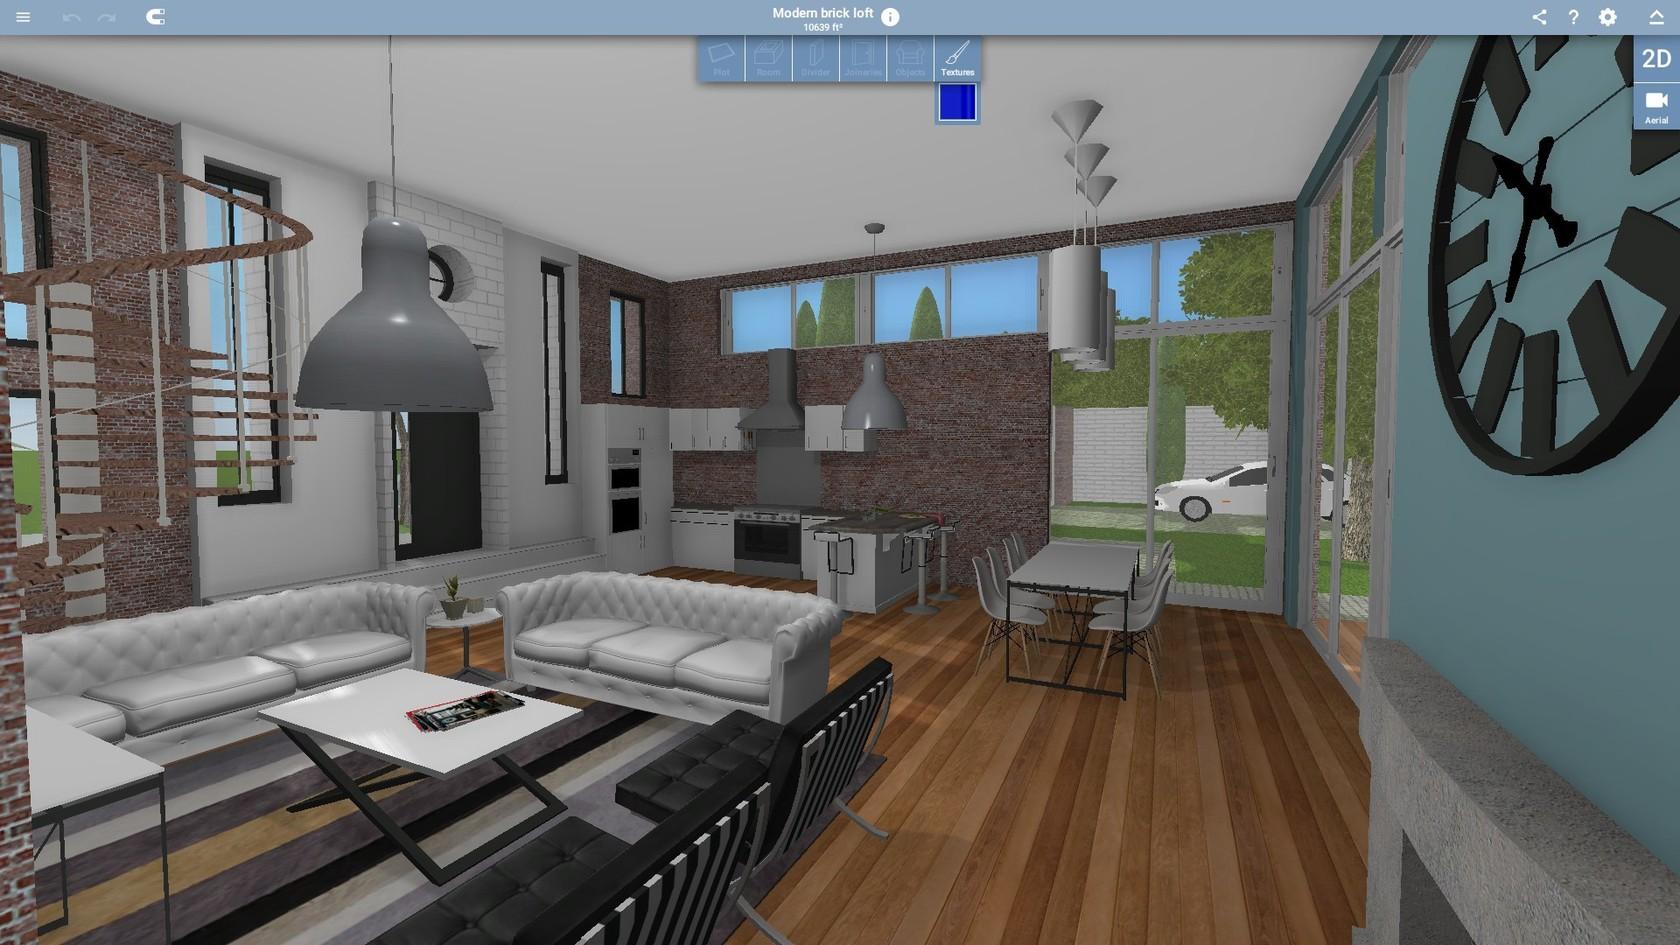 Home Design 3D  macgamestore.com